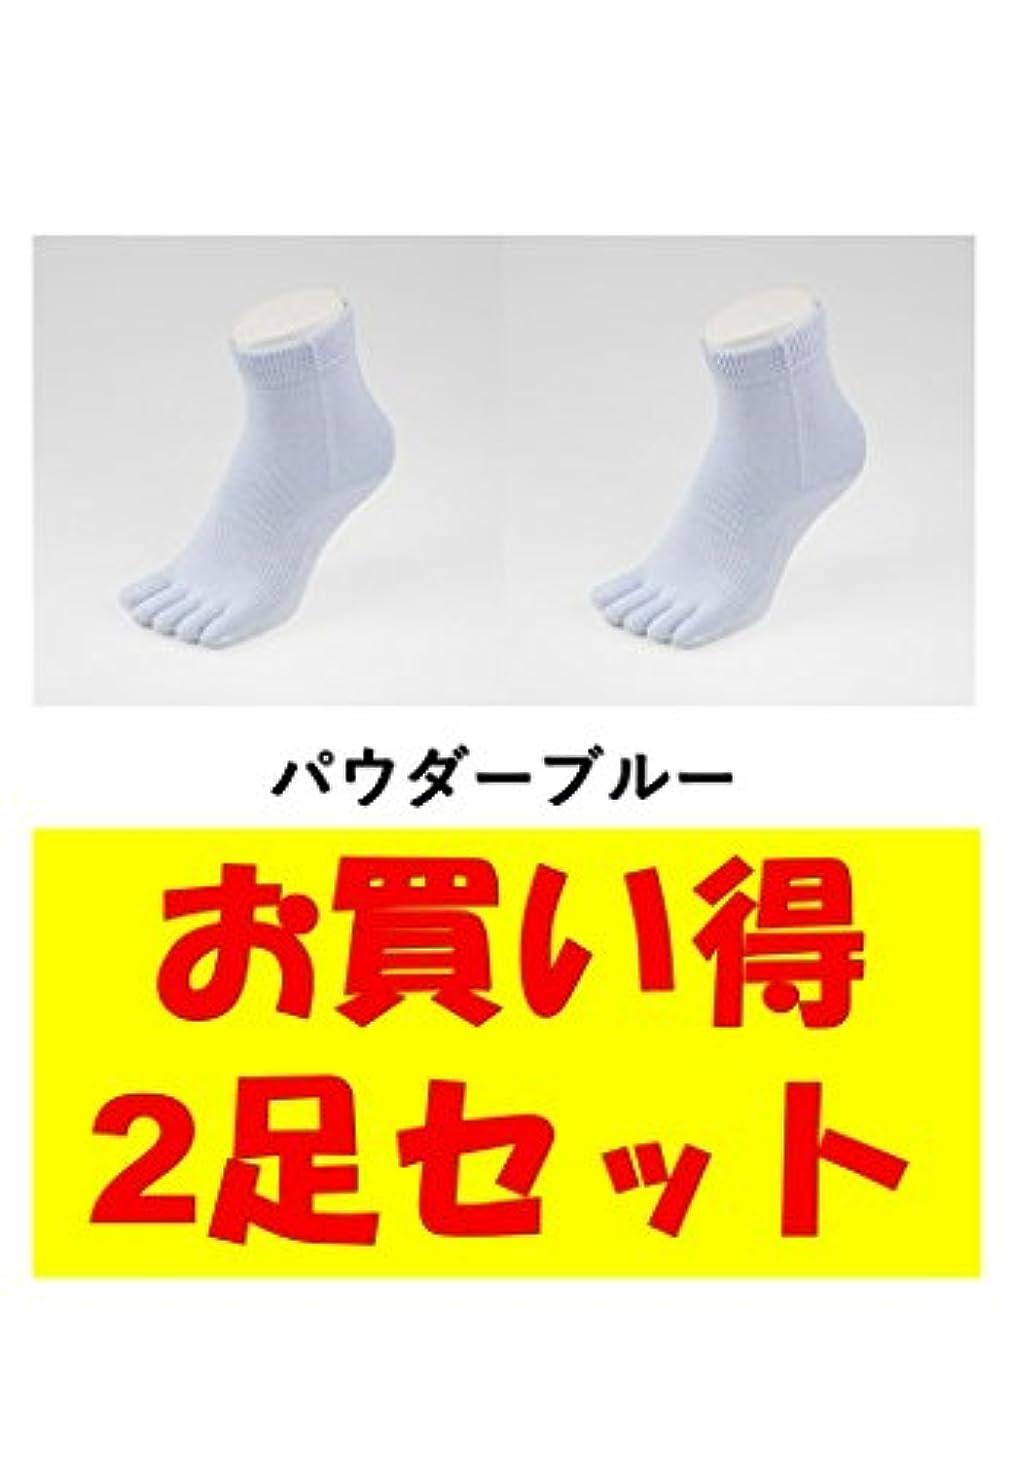 ストレスの多いにぎやか空中お買い得2足セット 5本指 ゆびのばソックス Neo EVE(イヴ) パウダーブルー Sサイズ(21.0cm - 24.0cm) YSNEVE-PBL